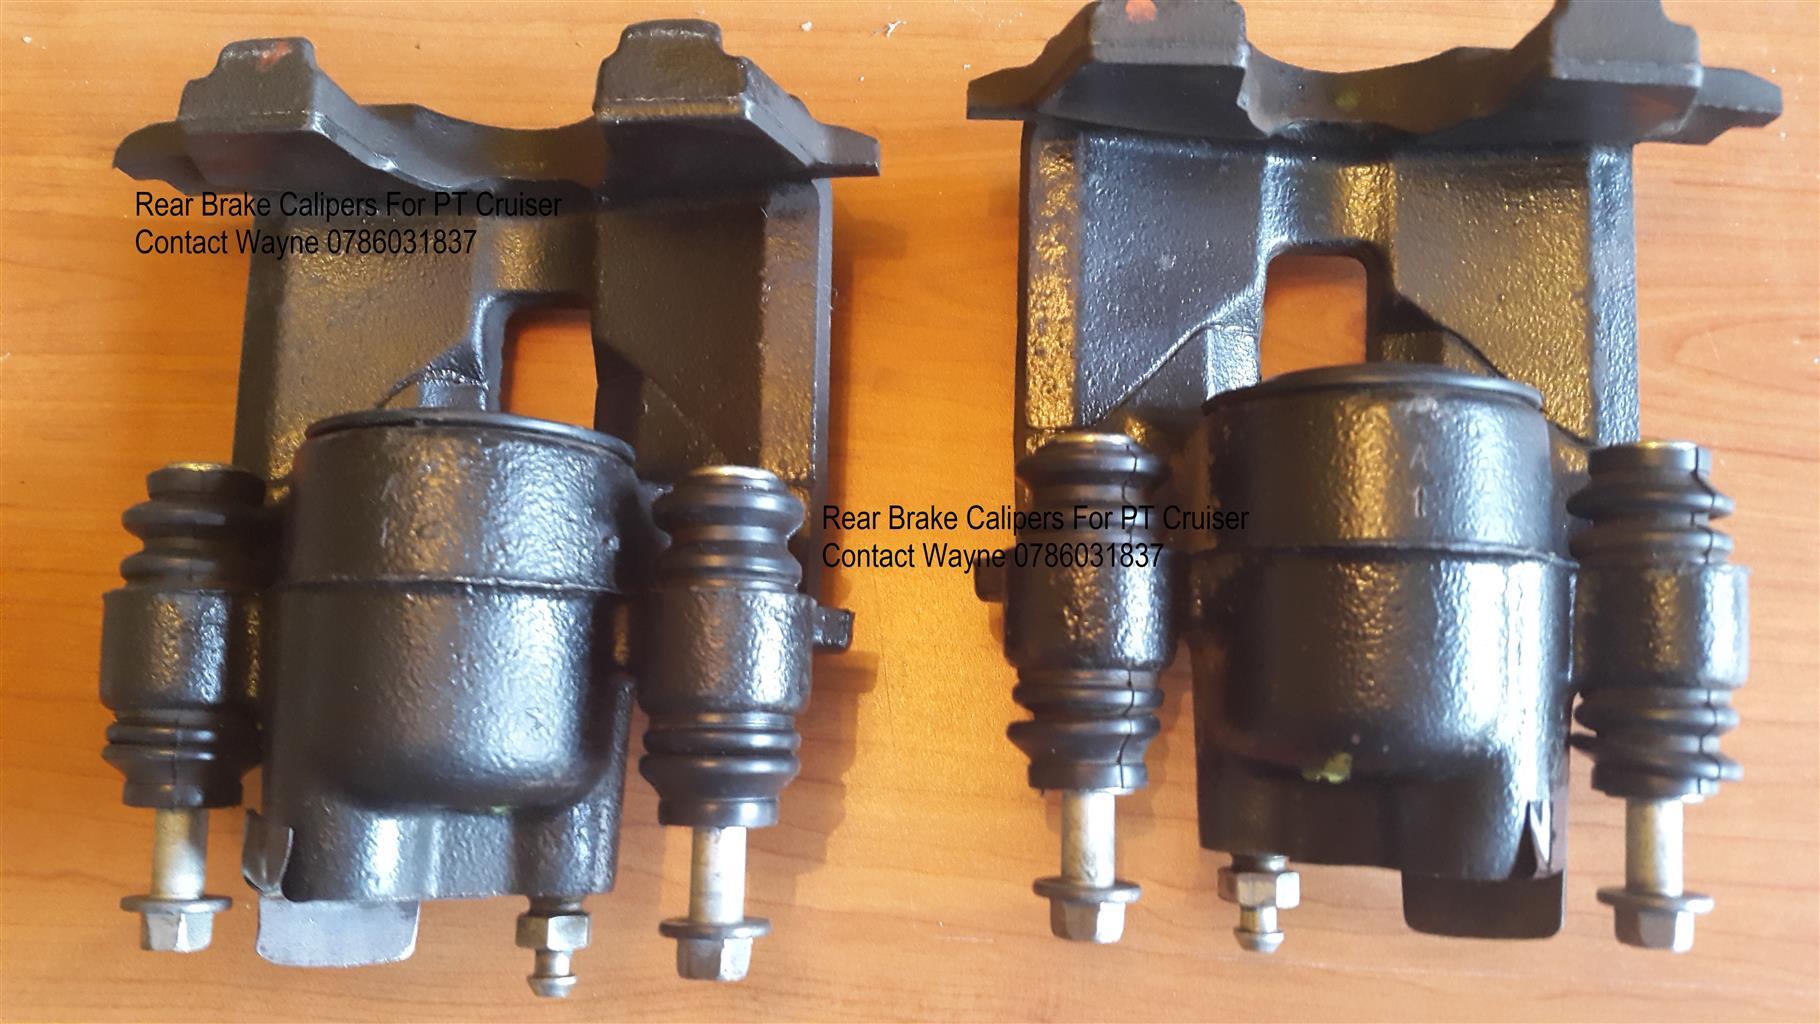 PT CRUISER Brake Callipers